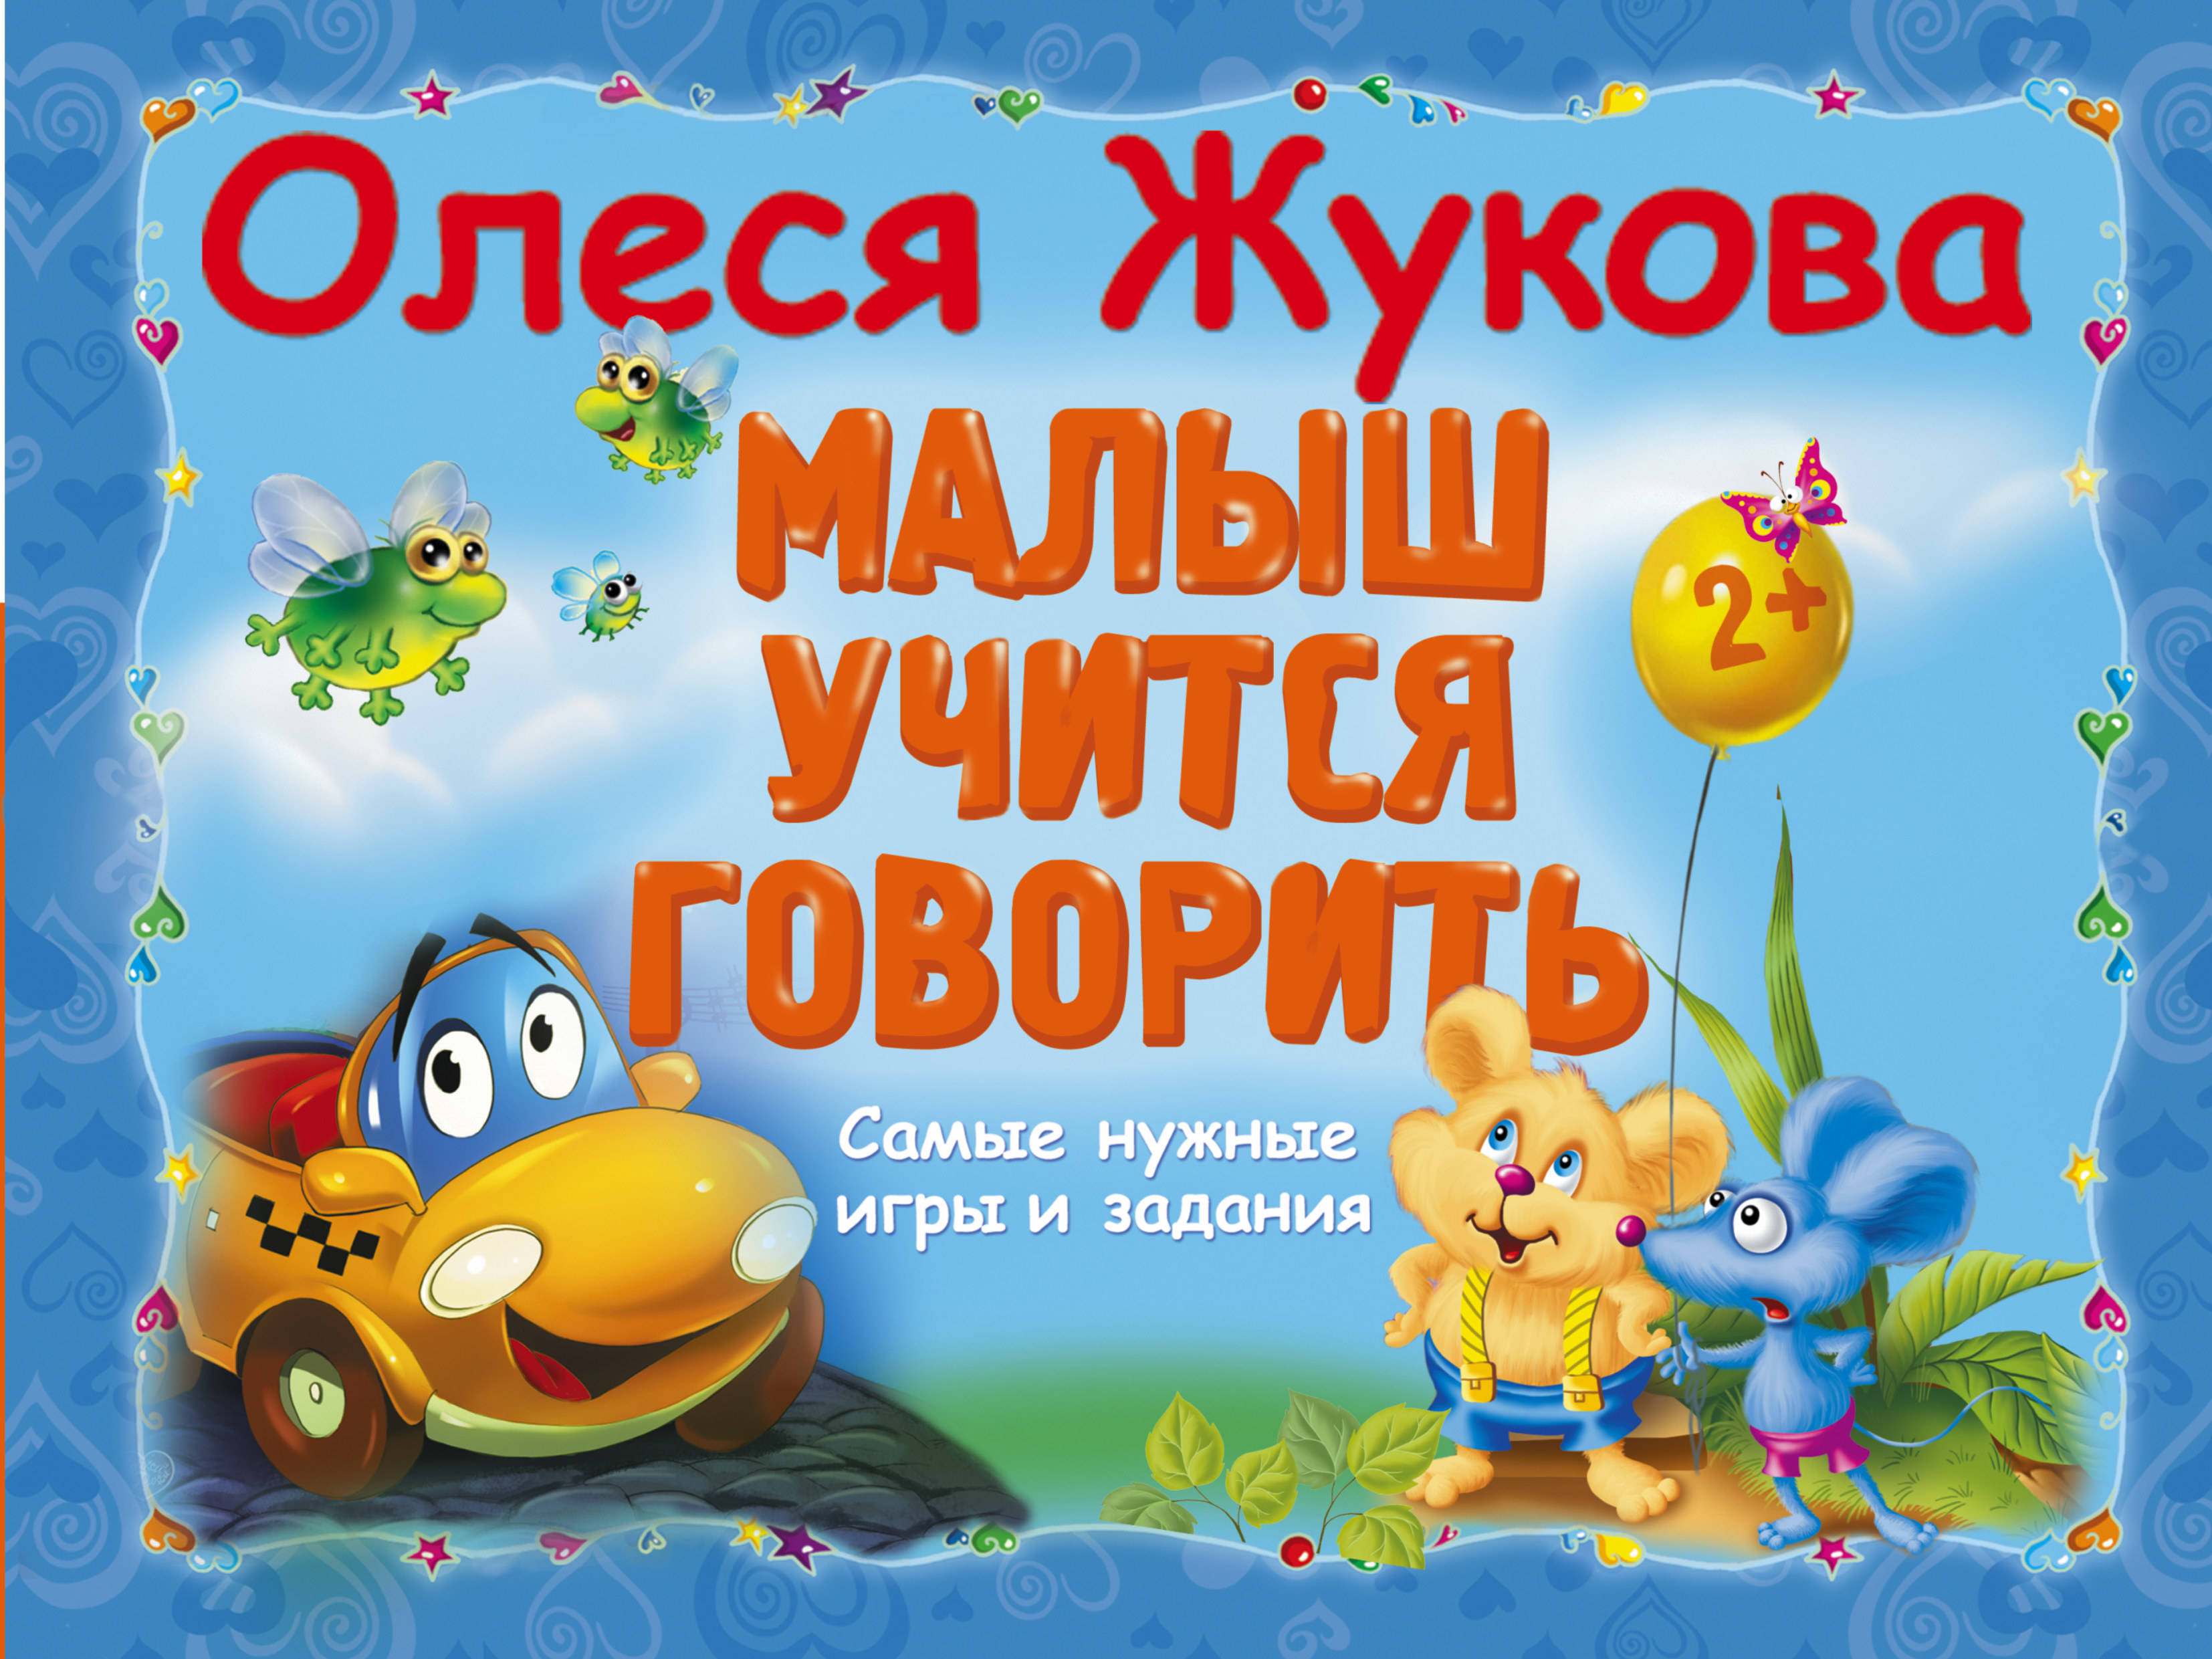 Олеся Жукова Малыш учится говорить олеся жукова малыш учится говорить самы нужные игры и задания